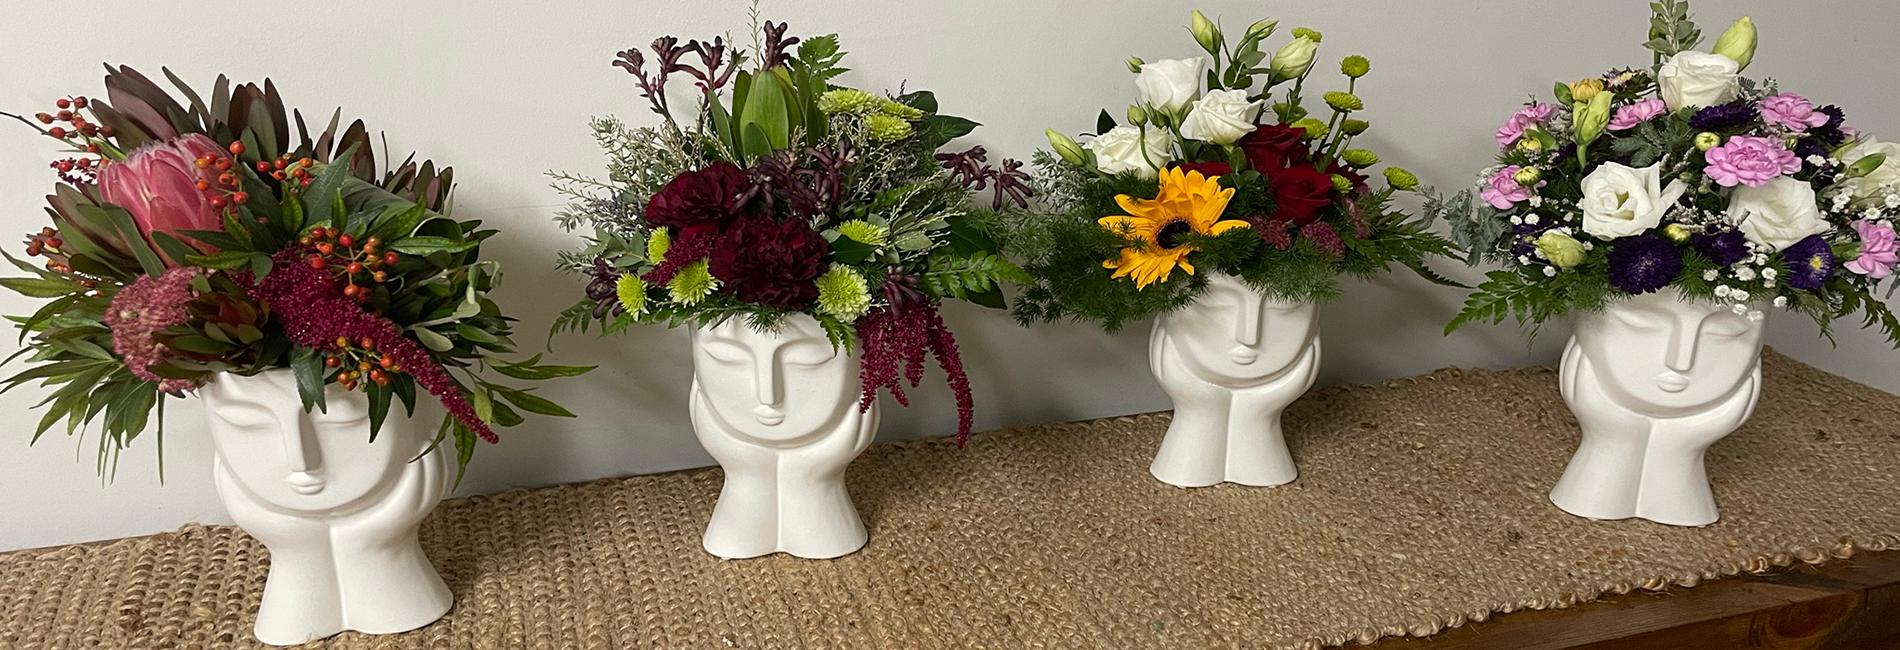 Fresh Flower Face Pots 7 1900 x 650 banner